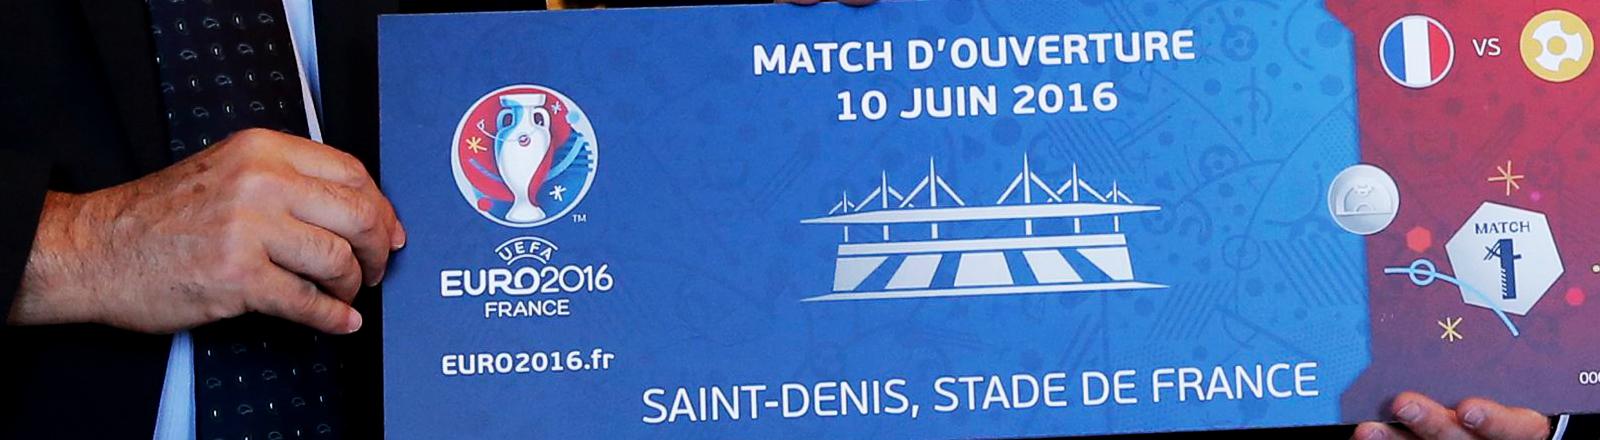 Der französische Präsident Francois Hollande und Michel Platini halten eine überdimensionales Ticket für das Eröffnungsspiel der Europameisterschaft in die Kamera